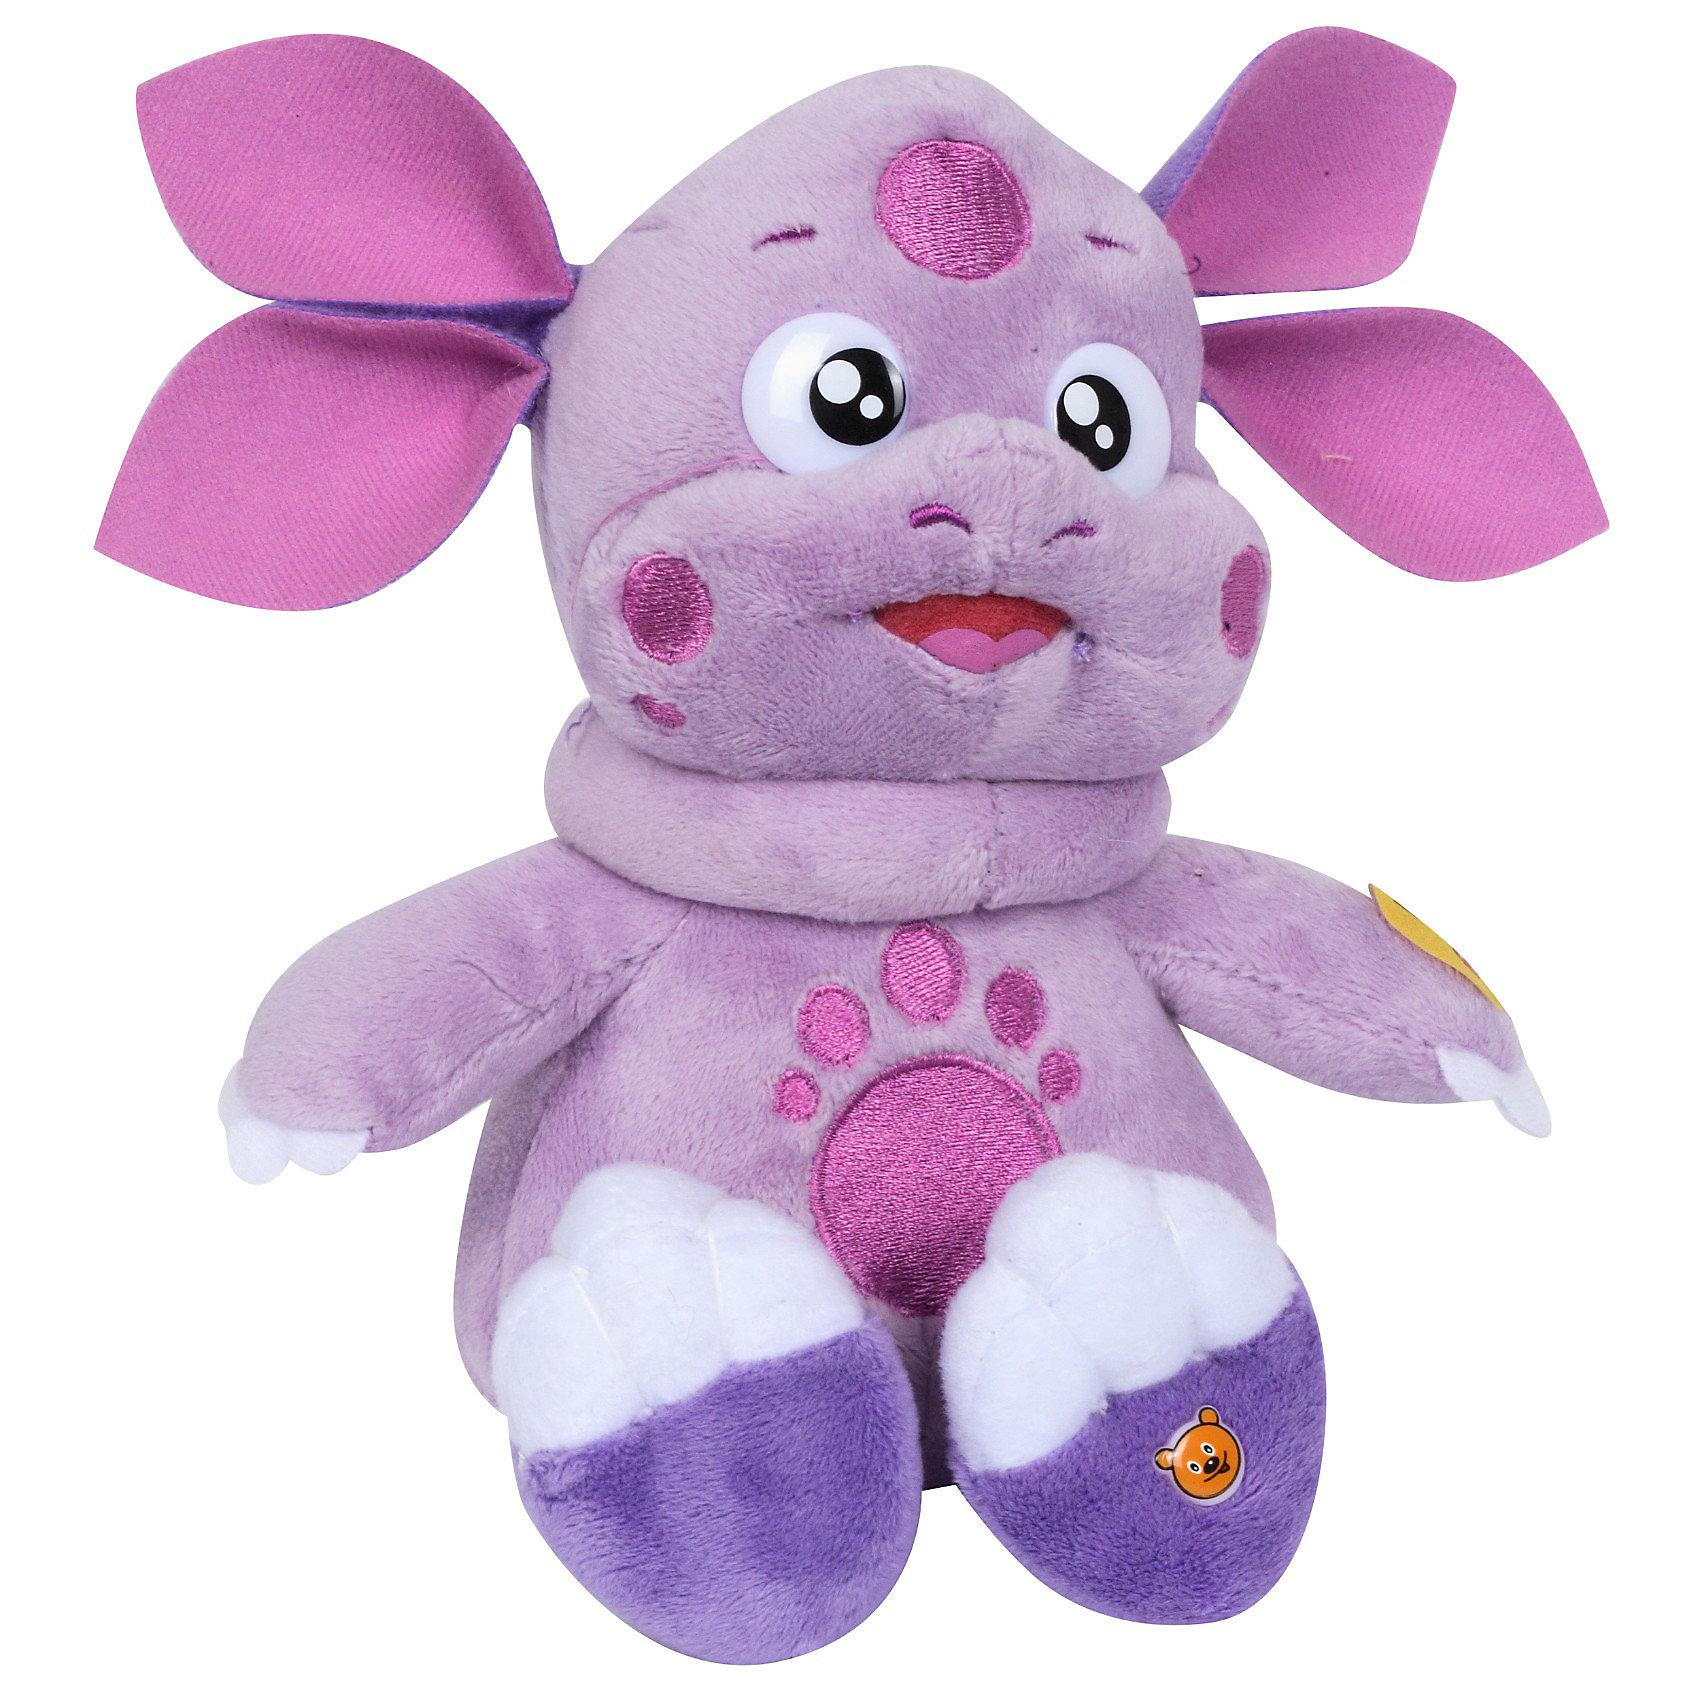 Мягкая игрушка Лунтик, 16 см, МУЛЬТИ-ПУЛЬТИМягкая игрушка-персонаж популярного мультфильма Лунтик и его друзья — замечательный подарок любому малышу! <br><br>Дополнительная информация:<br><br>- Материал: искусственный мех, ткань, набивка полиэфирным волокном и гранулами. <br>- Звуковые эффекты: говорит 6 фраз.<br>- Размер игрушки: 16 см.<br><br>Говорит следующие фразы:<br>- Привет, ребята! Что делаете?<br>- Может быть, вам помочь?<br>- Научи меня чему-нибудь<br>- Я всегда буду с тобой дружить<br>- А во что мы будем играть?<br>- Пойдёмте на нашу поляну, поиграем в мяч до вечера!<br><br>Мягкую игрушку Лунтик, 16 см, МУЛЬТИ-ПУЛЬТИ можно купить в нашем магазине.<br><br>Ширина мм: 100<br>Глубина мм: 130<br>Высота мм: 210<br>Вес г: 200<br>Возраст от месяцев: 36<br>Возраст до месяцев: 72<br>Пол: Унисекс<br>Возраст: Детский<br>SKU: 2240382